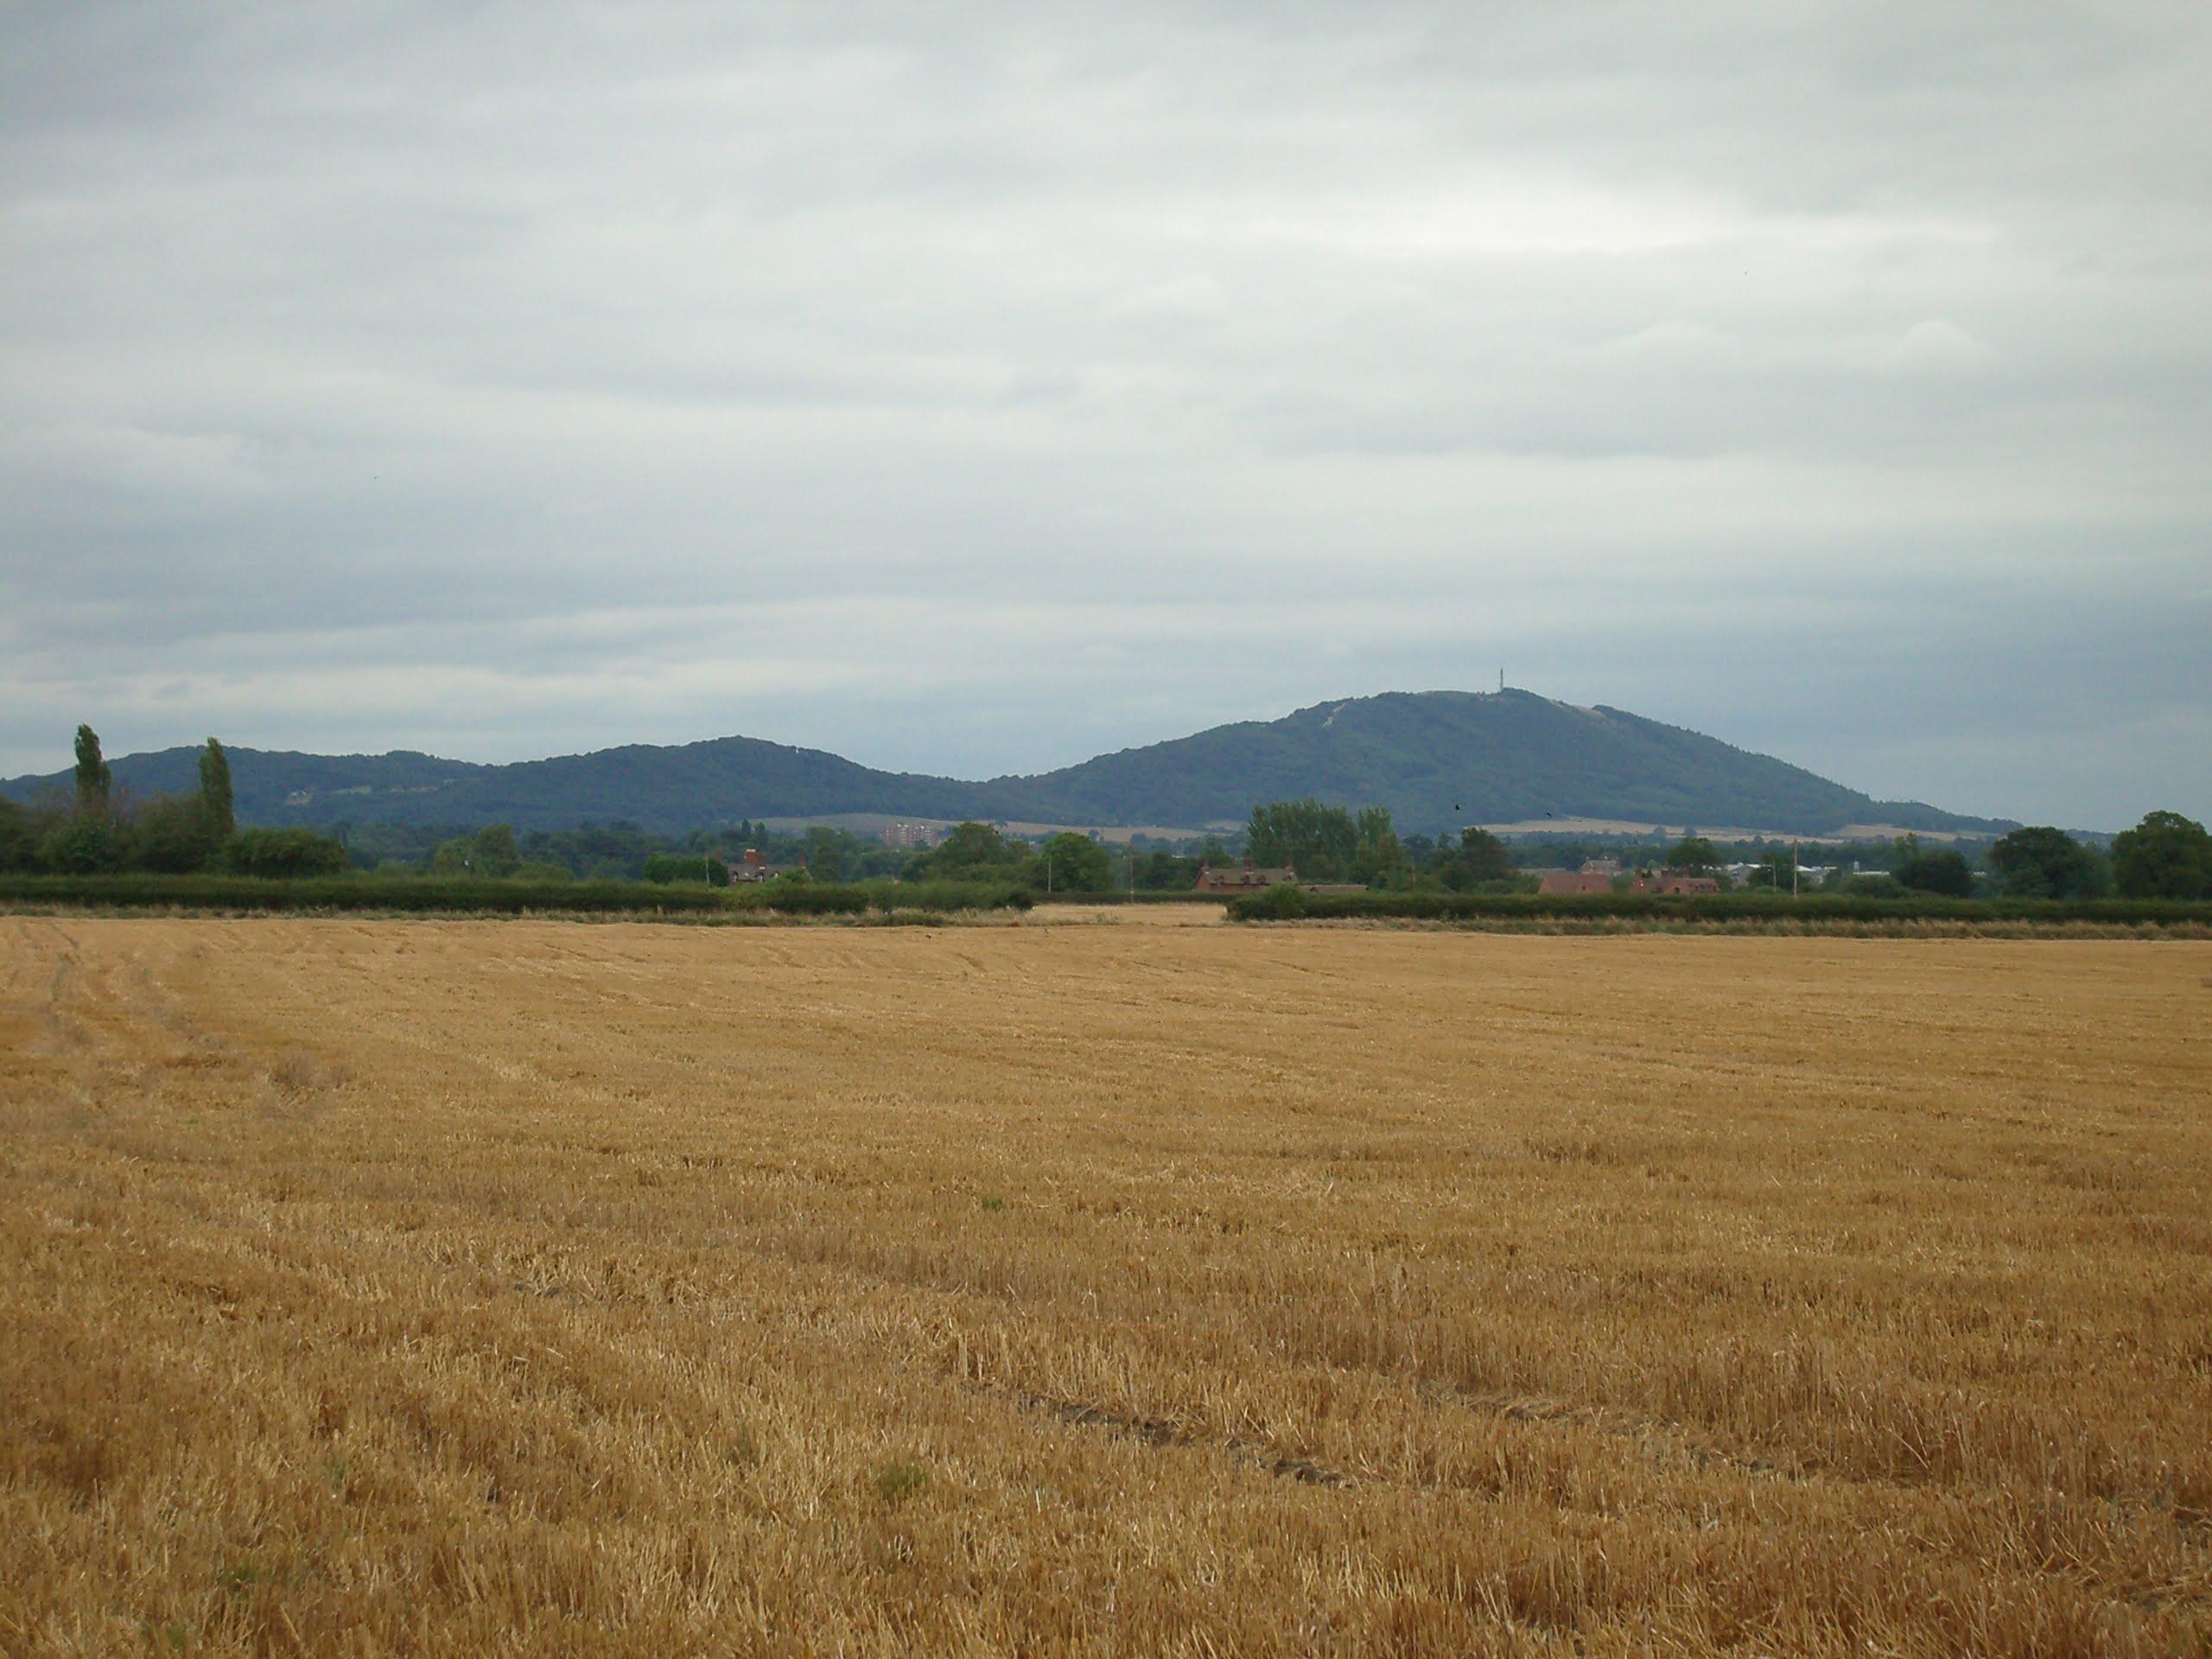 The-Wrekin-from-Rodway-Moor